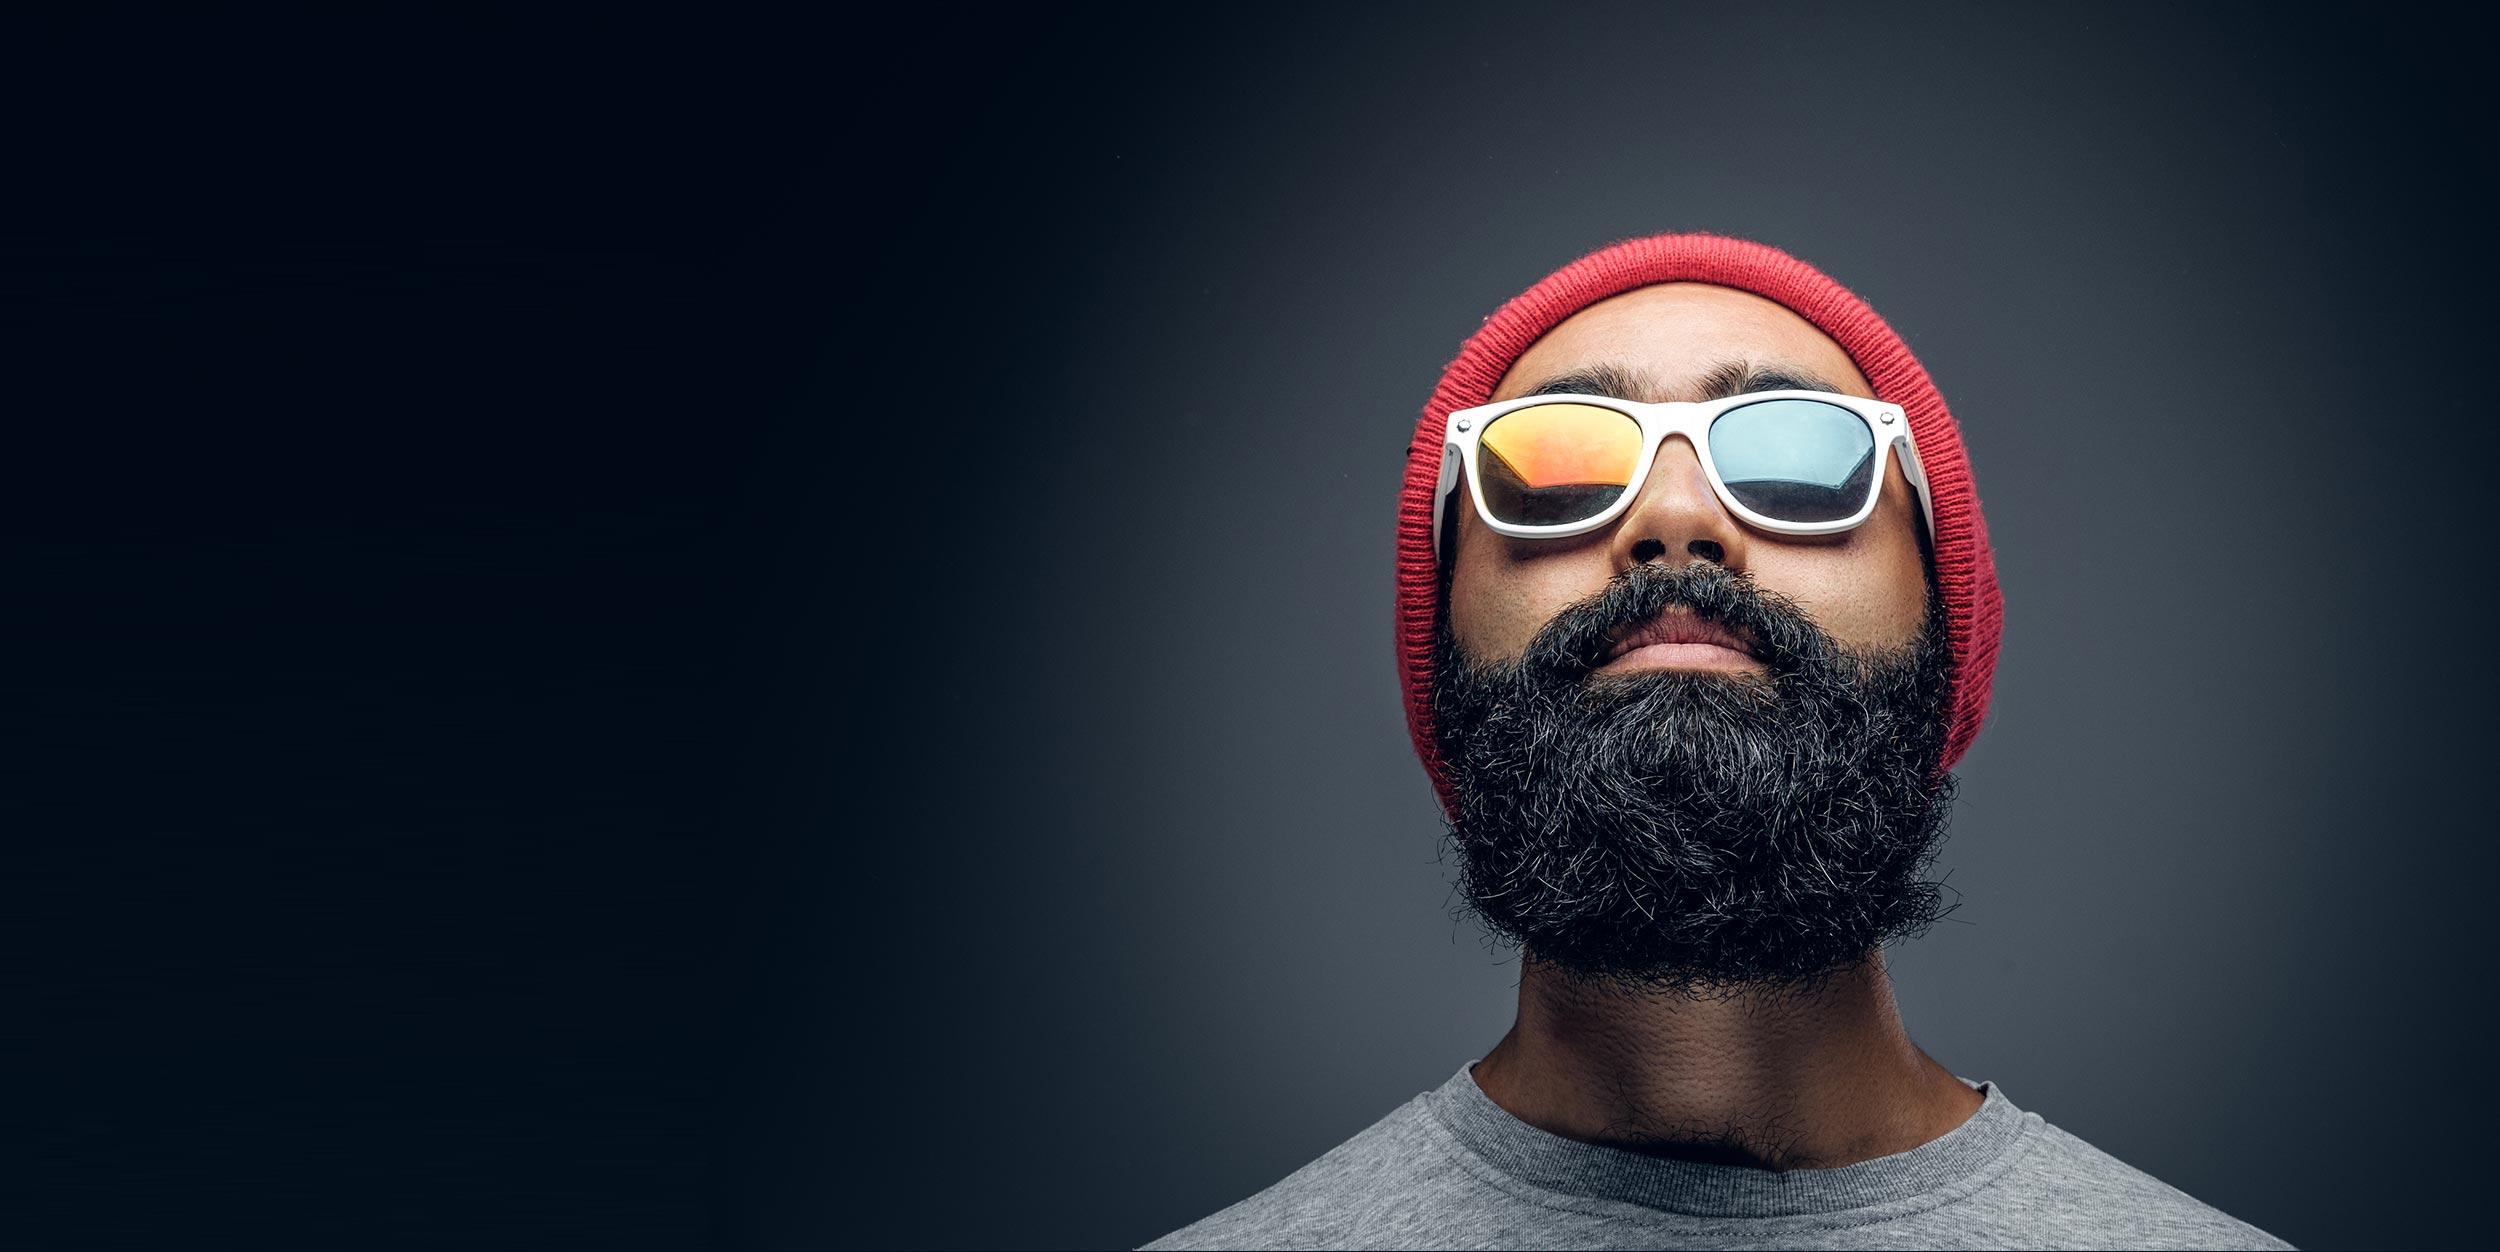 Beard+banner+image50-1.jpg